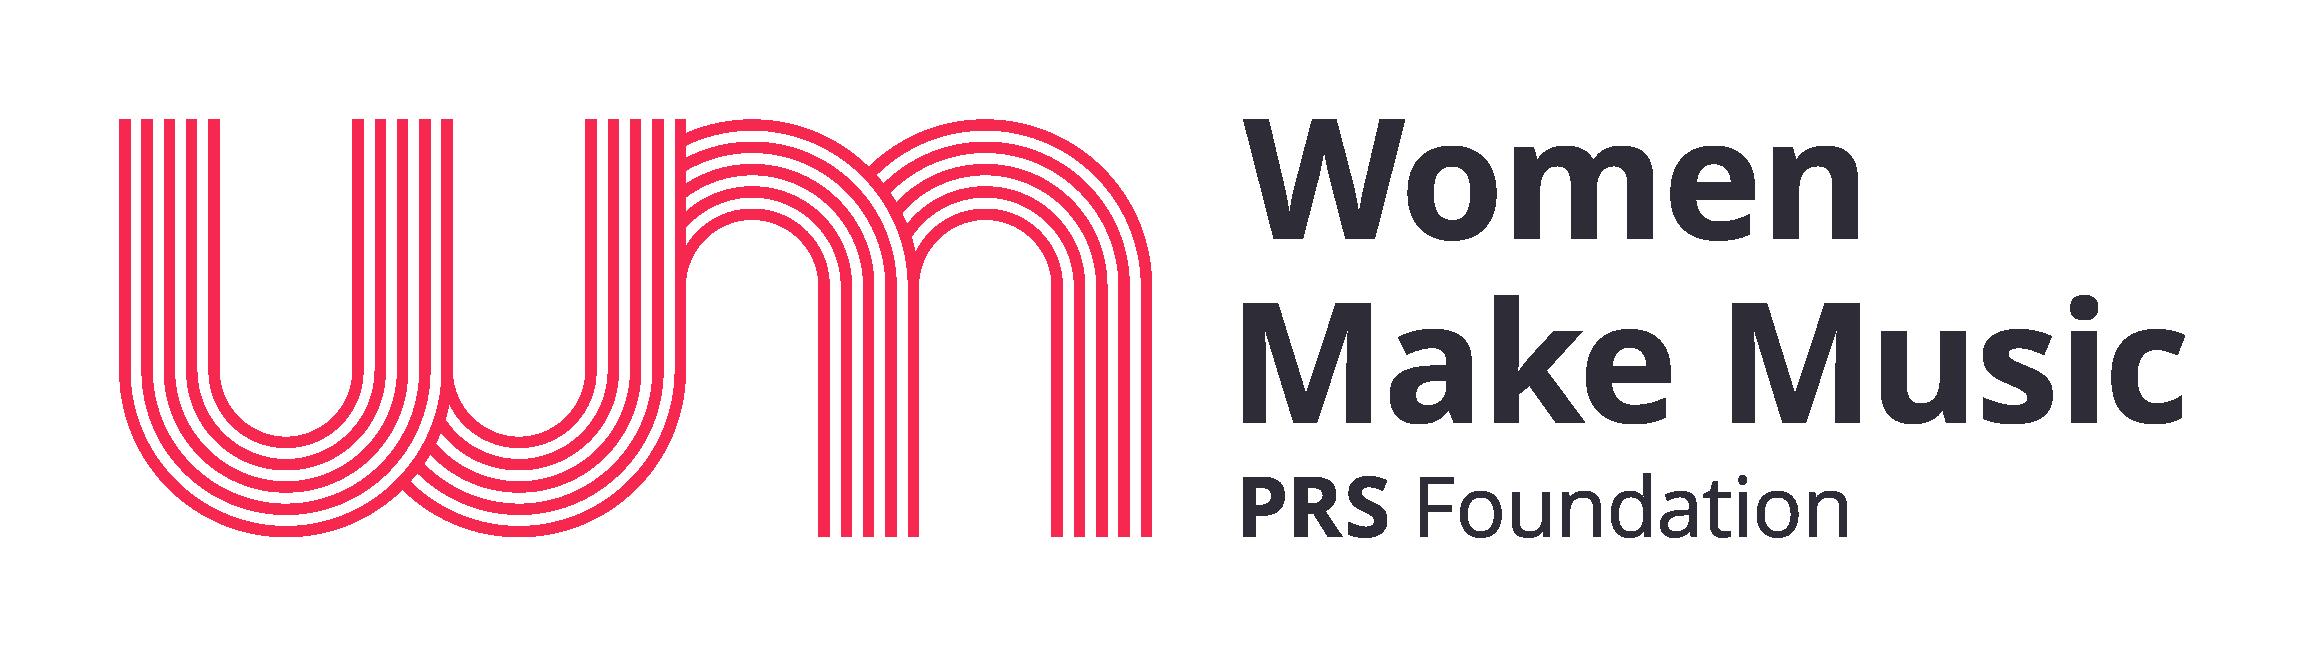 prs-womenmakemusic-logotype-red-blue-rgb-large.png